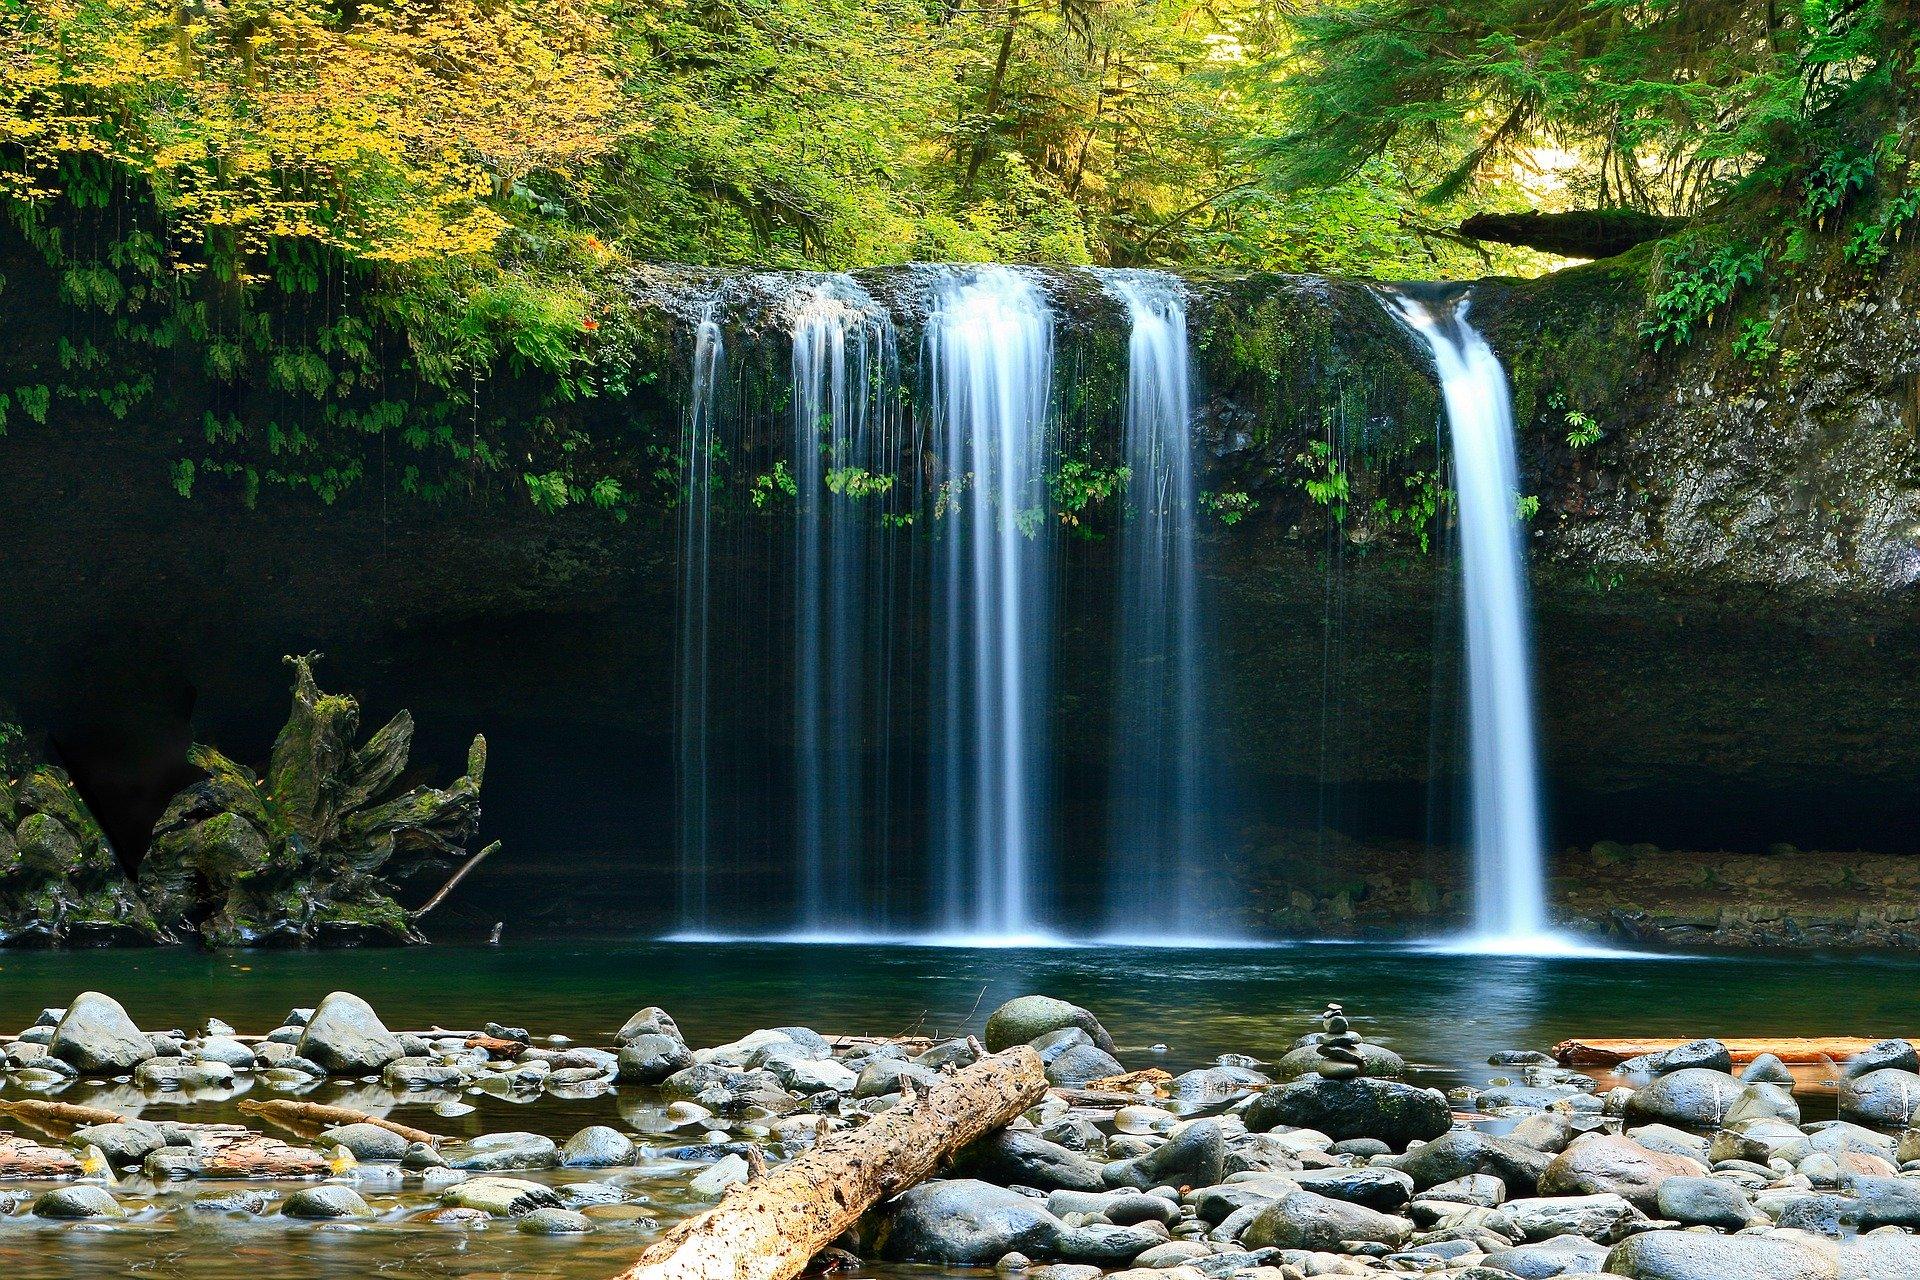 熊本の滝おすすめ9選!観光に人気の迫力満点の絶景スポットをご紹介!